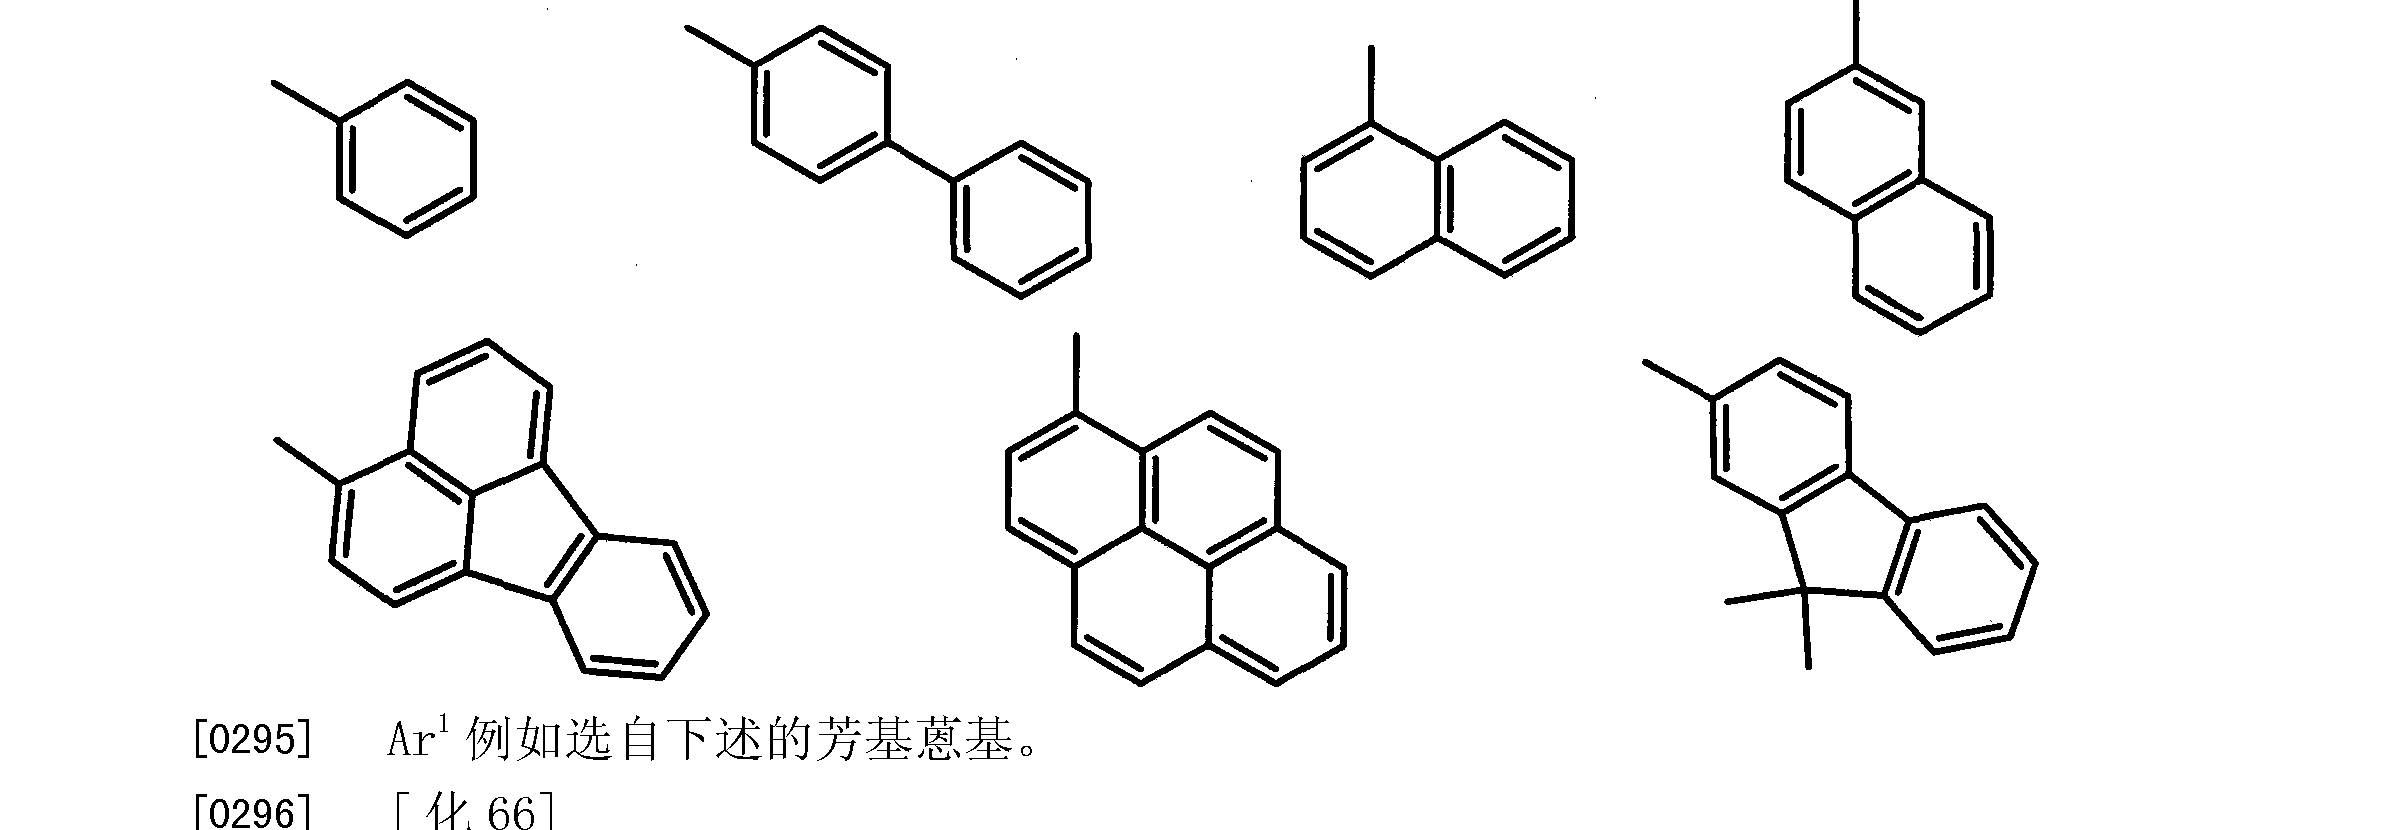 Figure CN101874316BD00551